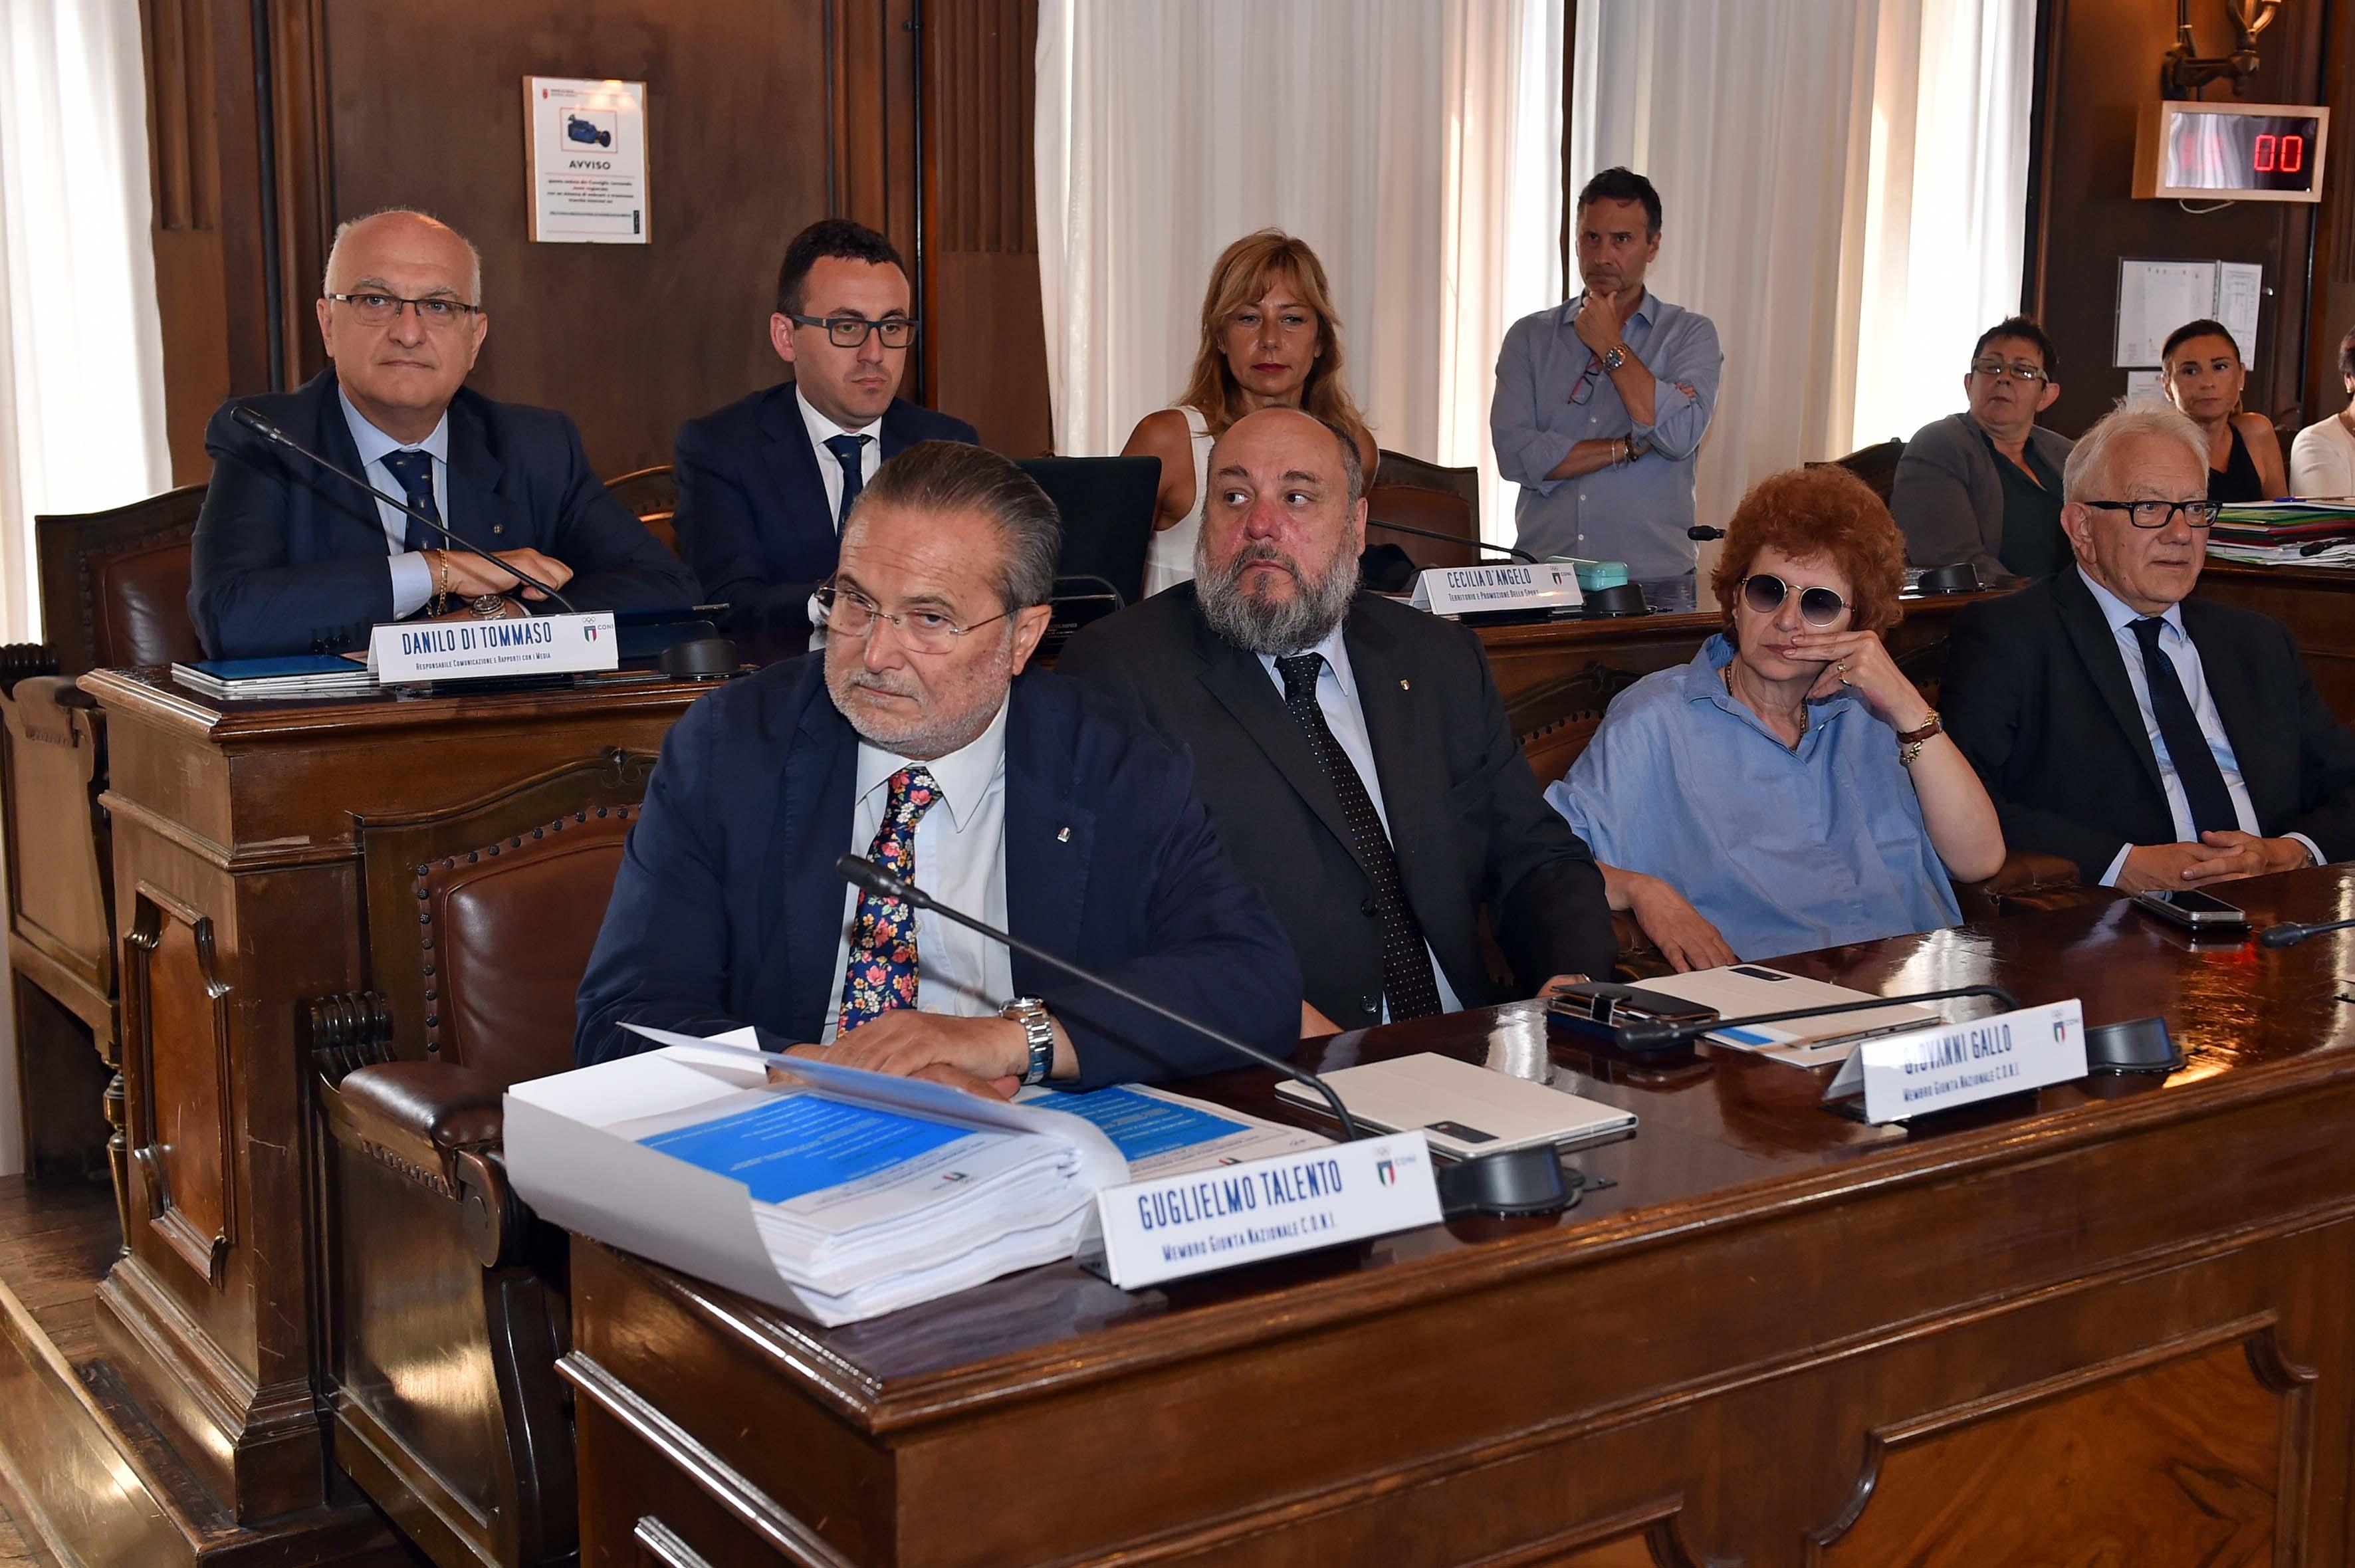 180612 0039 Trieste Giunta foto Simone Ferraro SFA_8558 copia